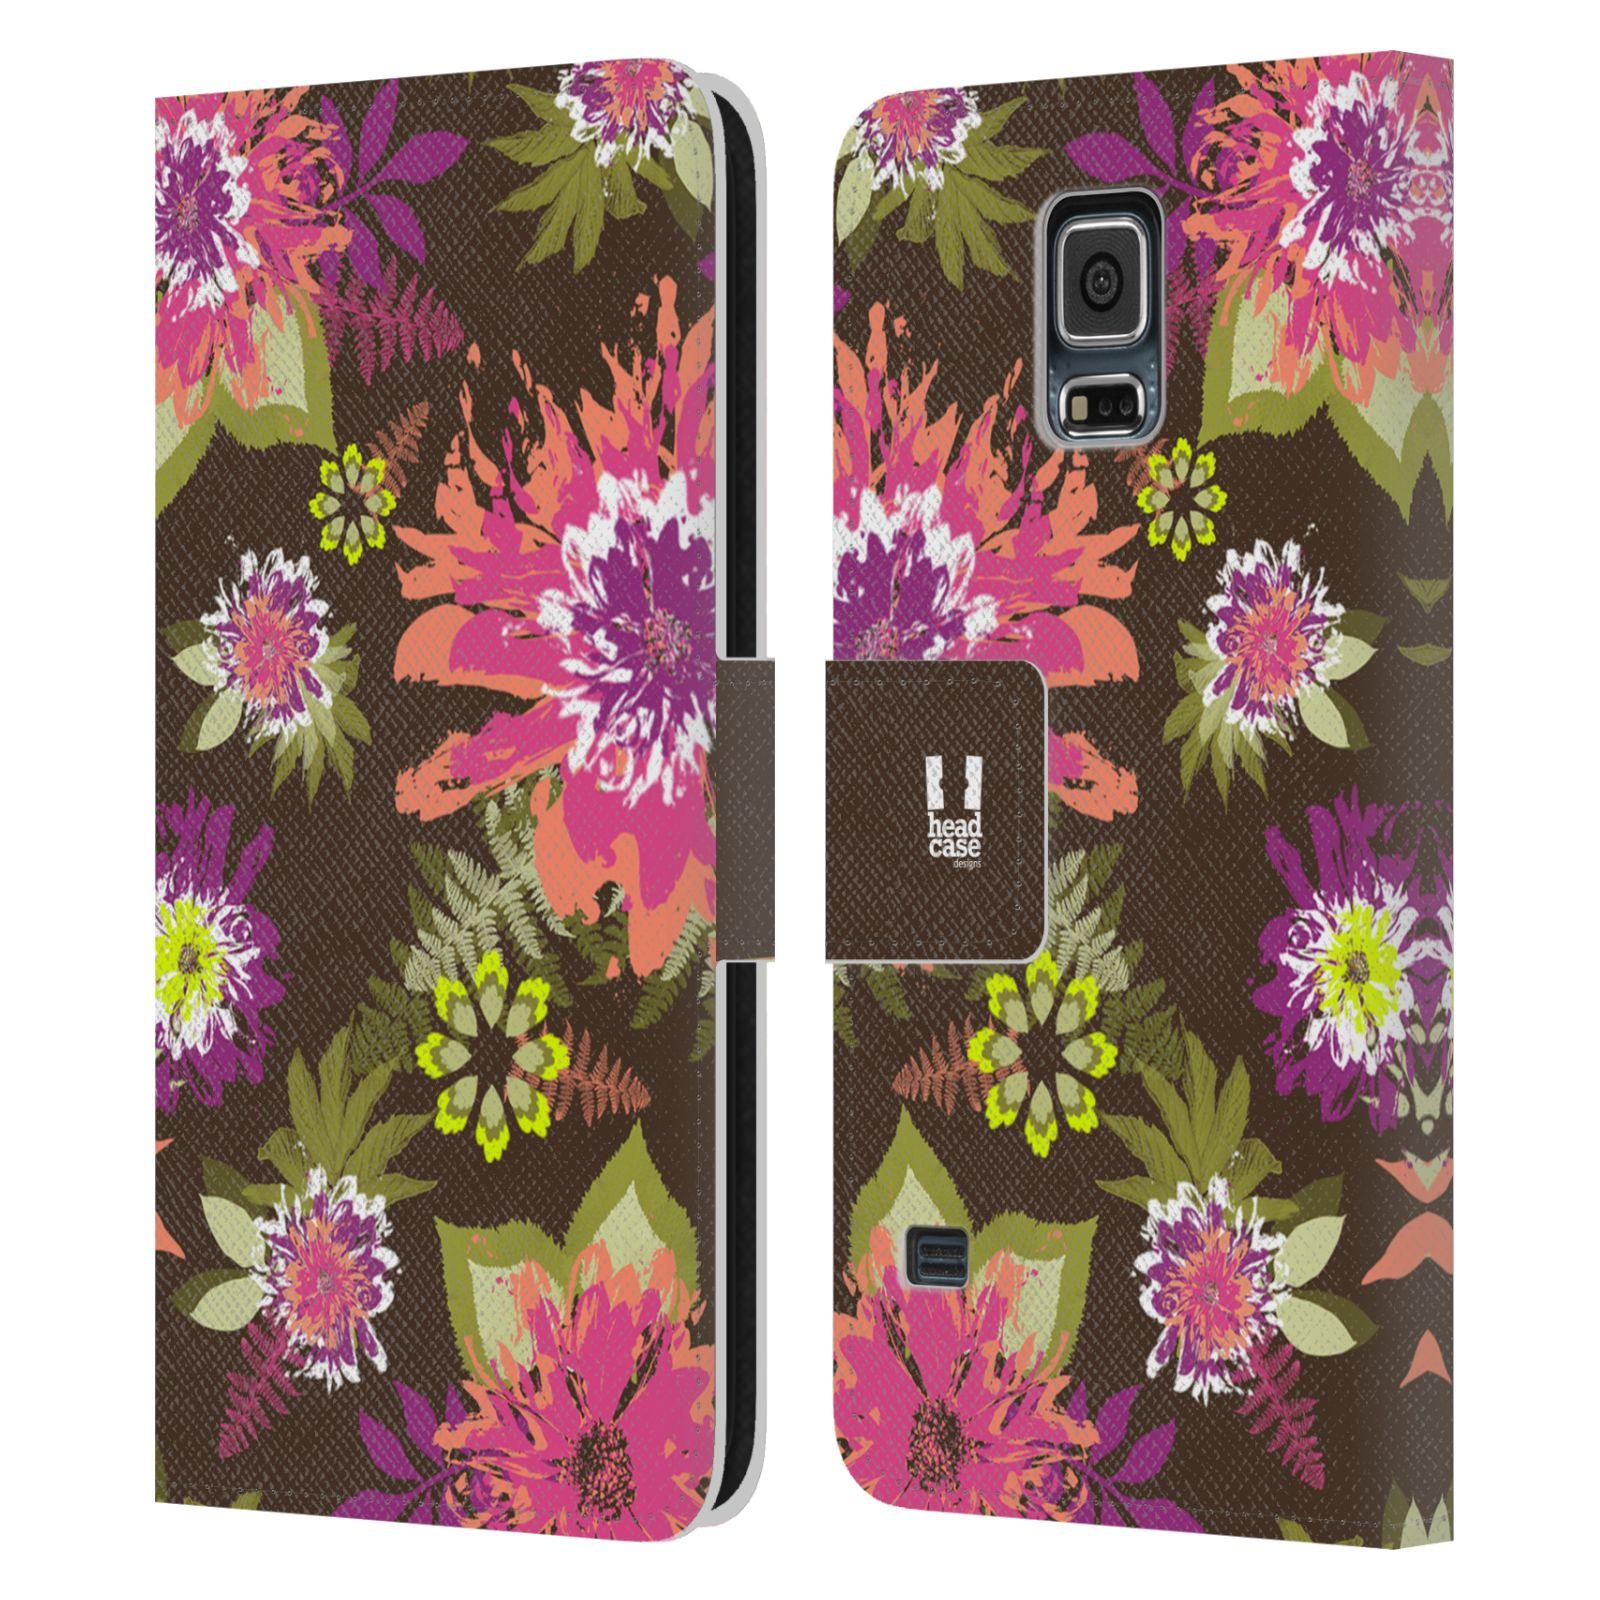 HEAD CASE Flipové pouzdro pro mobil Samsung Galaxy S5 / S5 NEO BOTANIKA barevné květy zelená